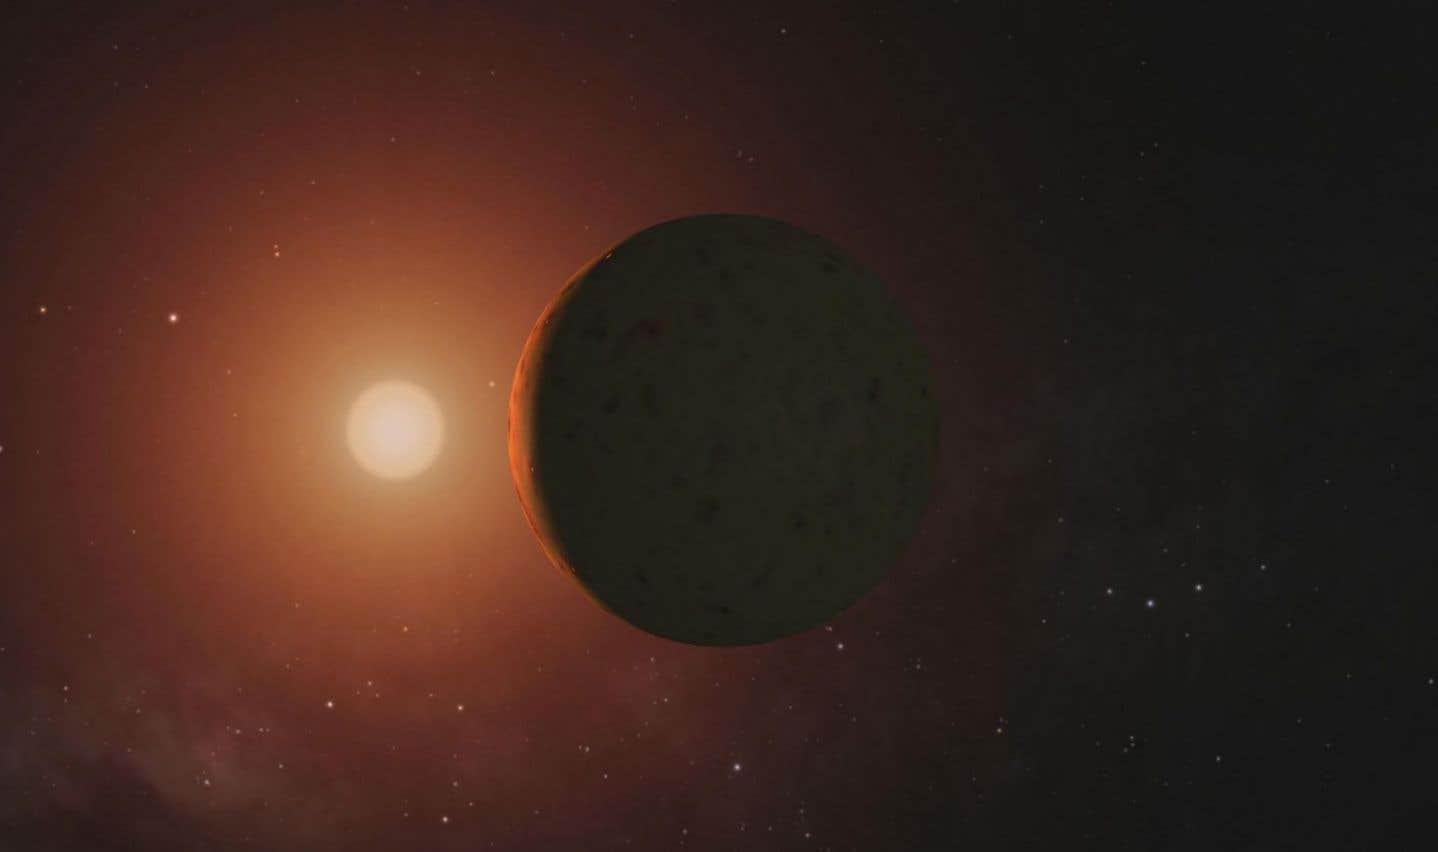 Des planètes autour de l'étoile TRAPPIST-1 pourraient avoir encore de l'eau